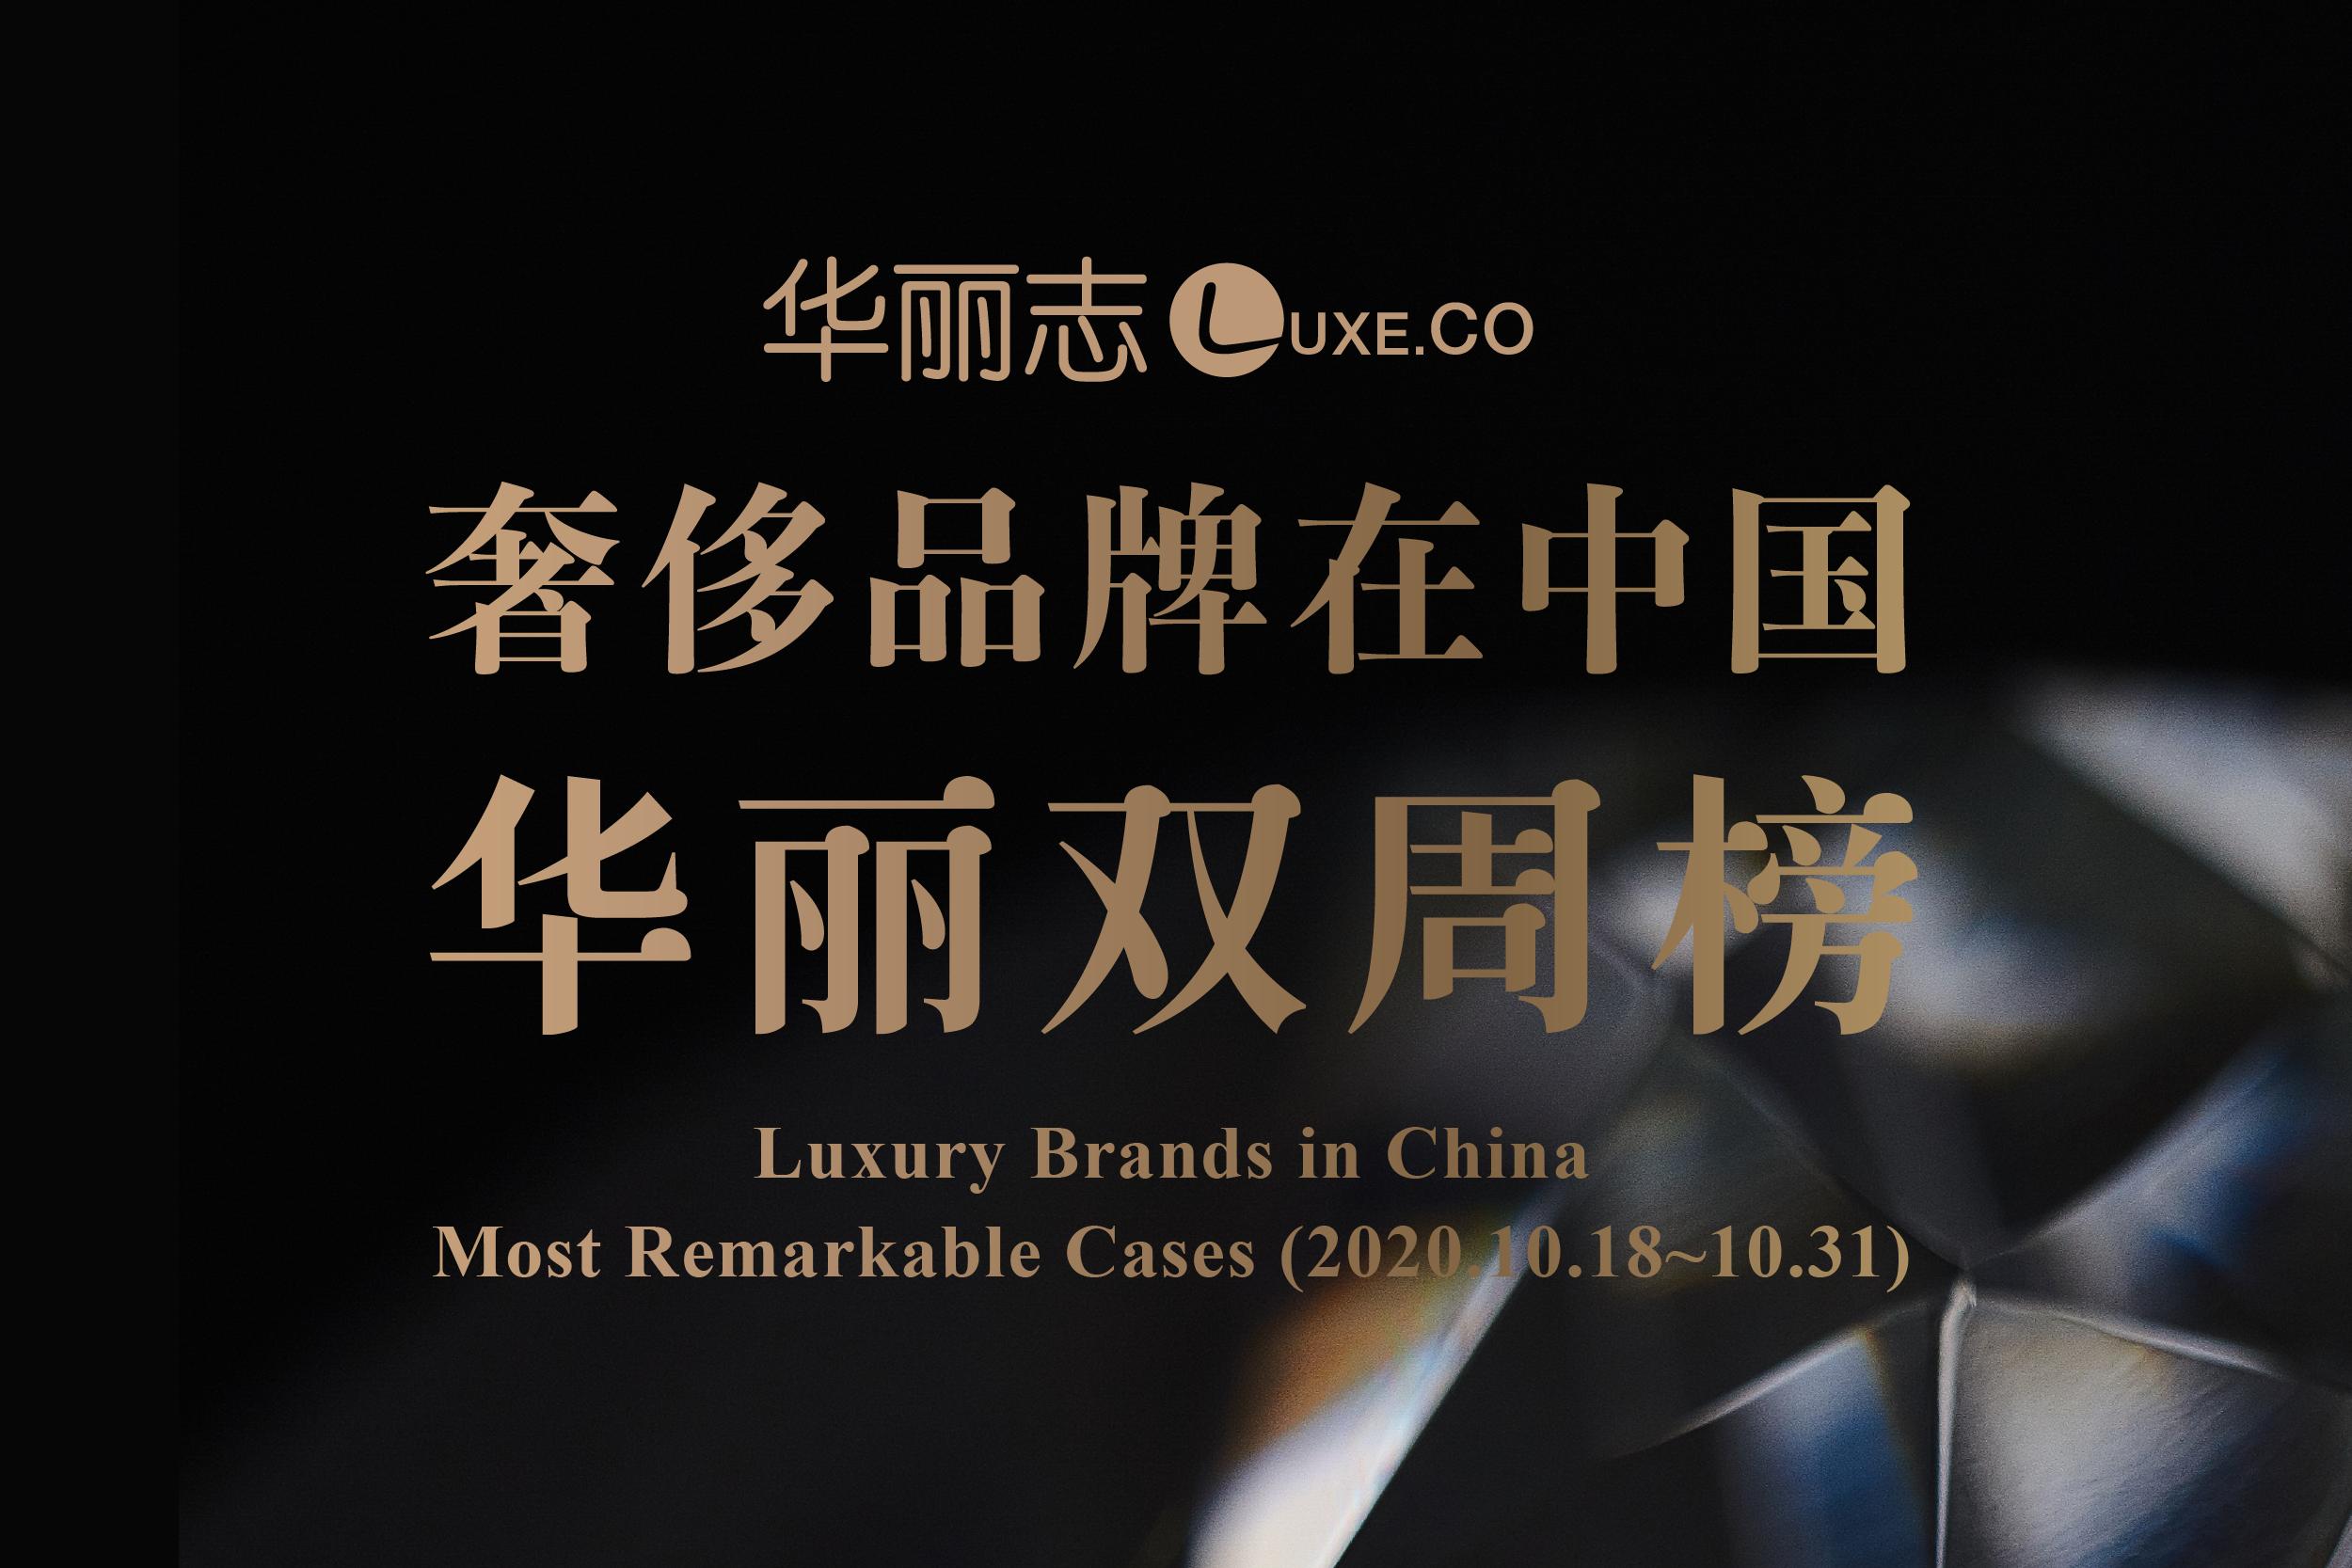 十月下旬,这三家奢侈品牌在中国的动作最值得关注!【华丽双周榜】第12期